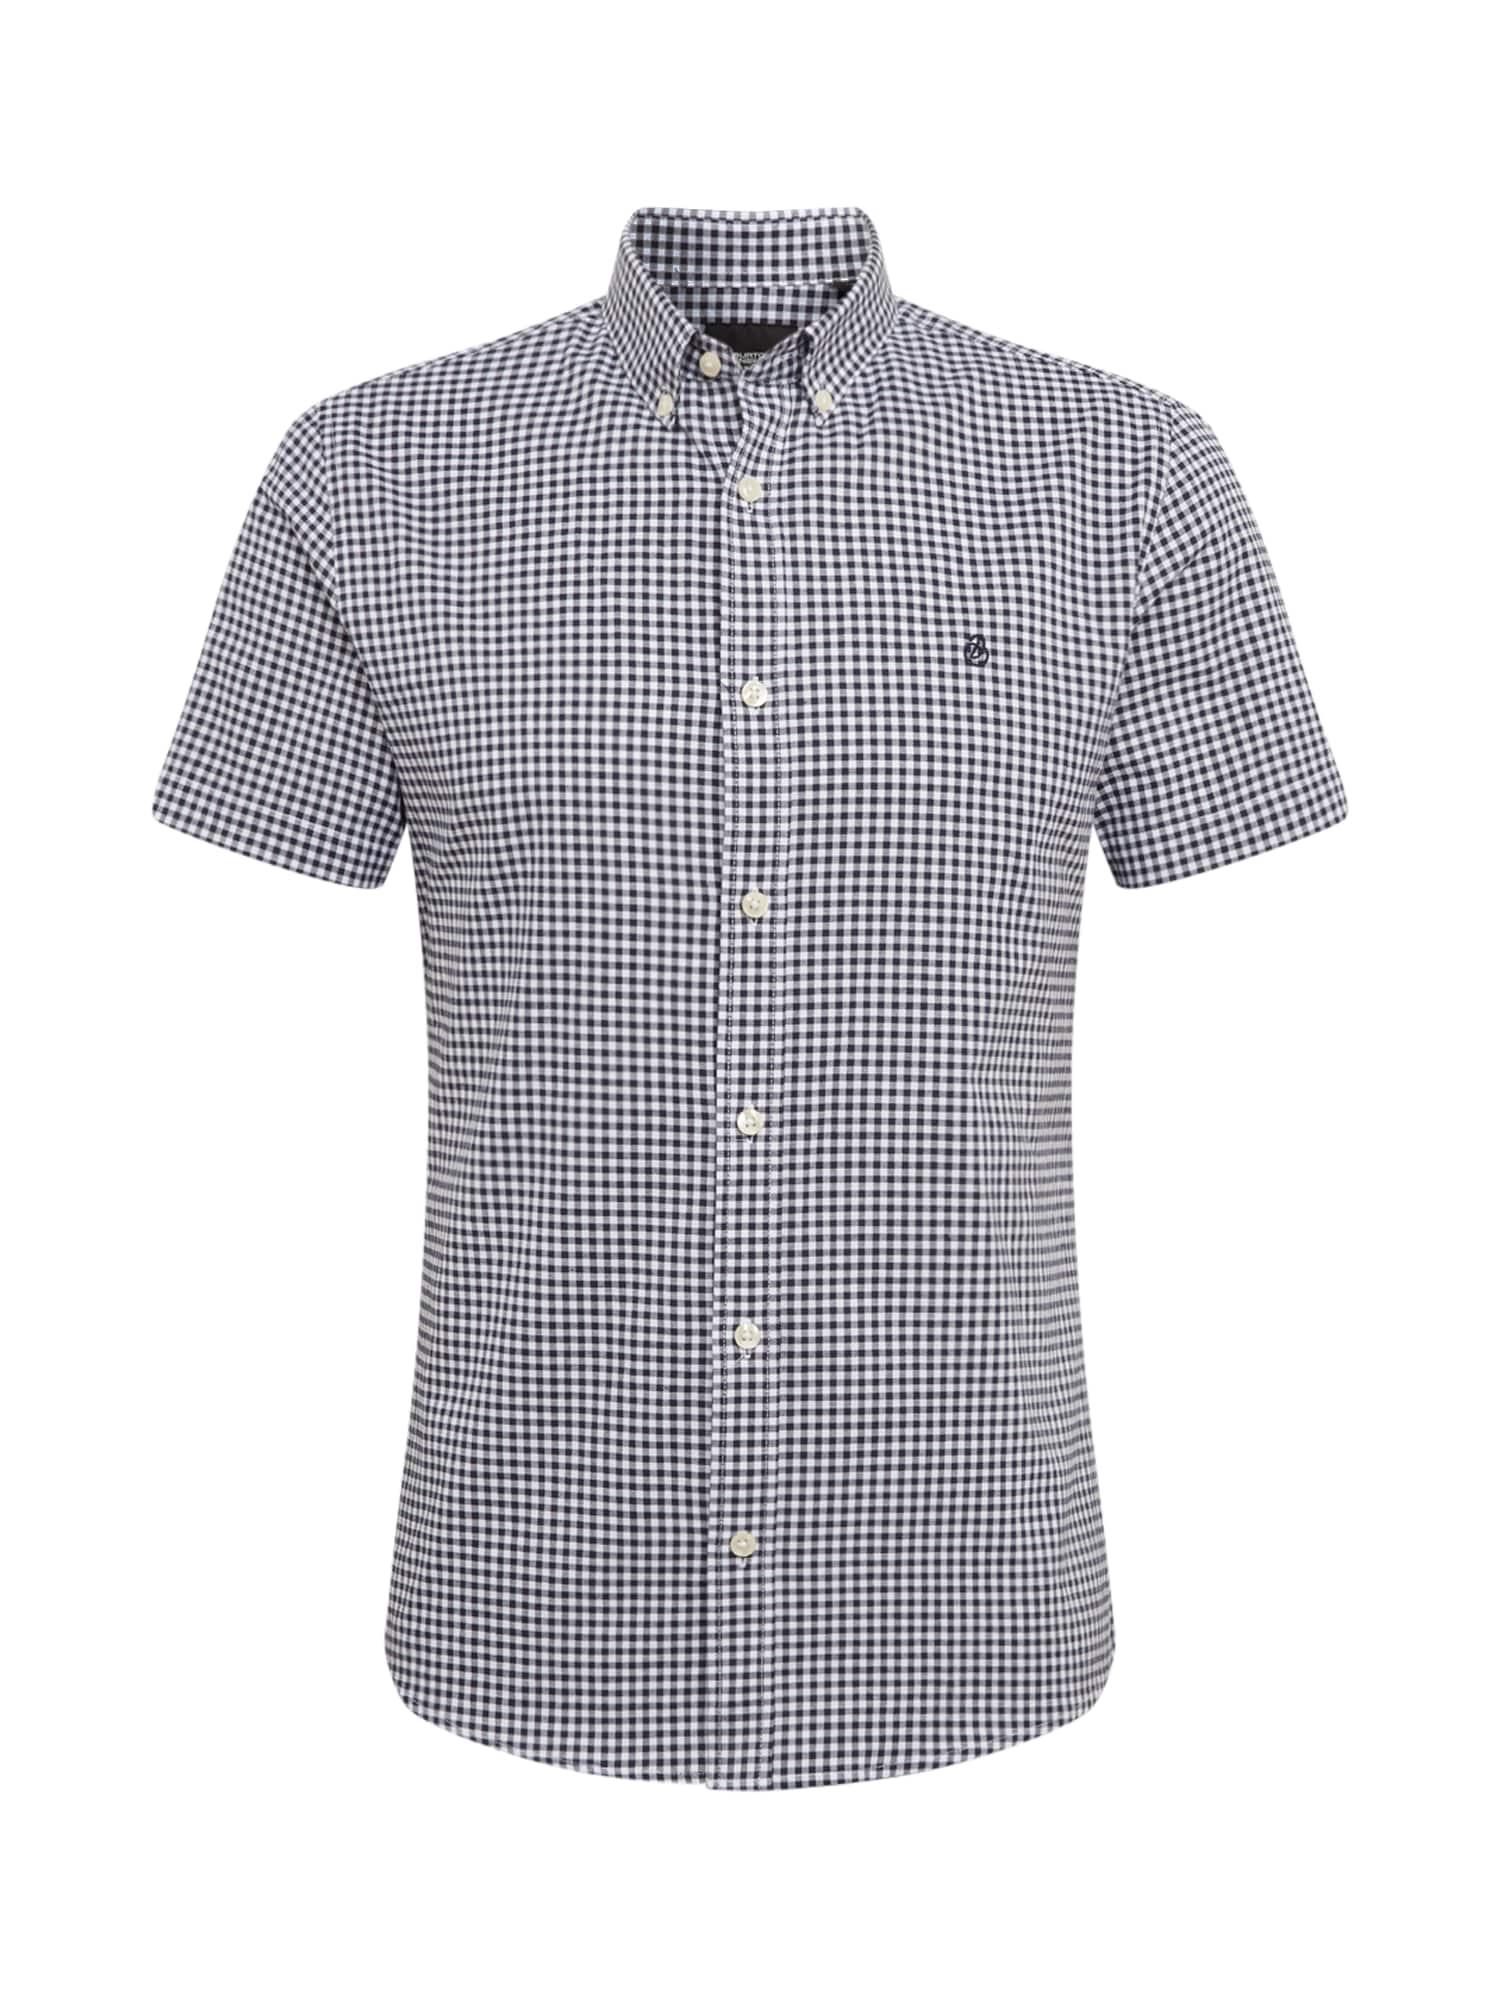 BURTON MENSWEAR LONDON Marškiniai balta / tamsiai mėlyna